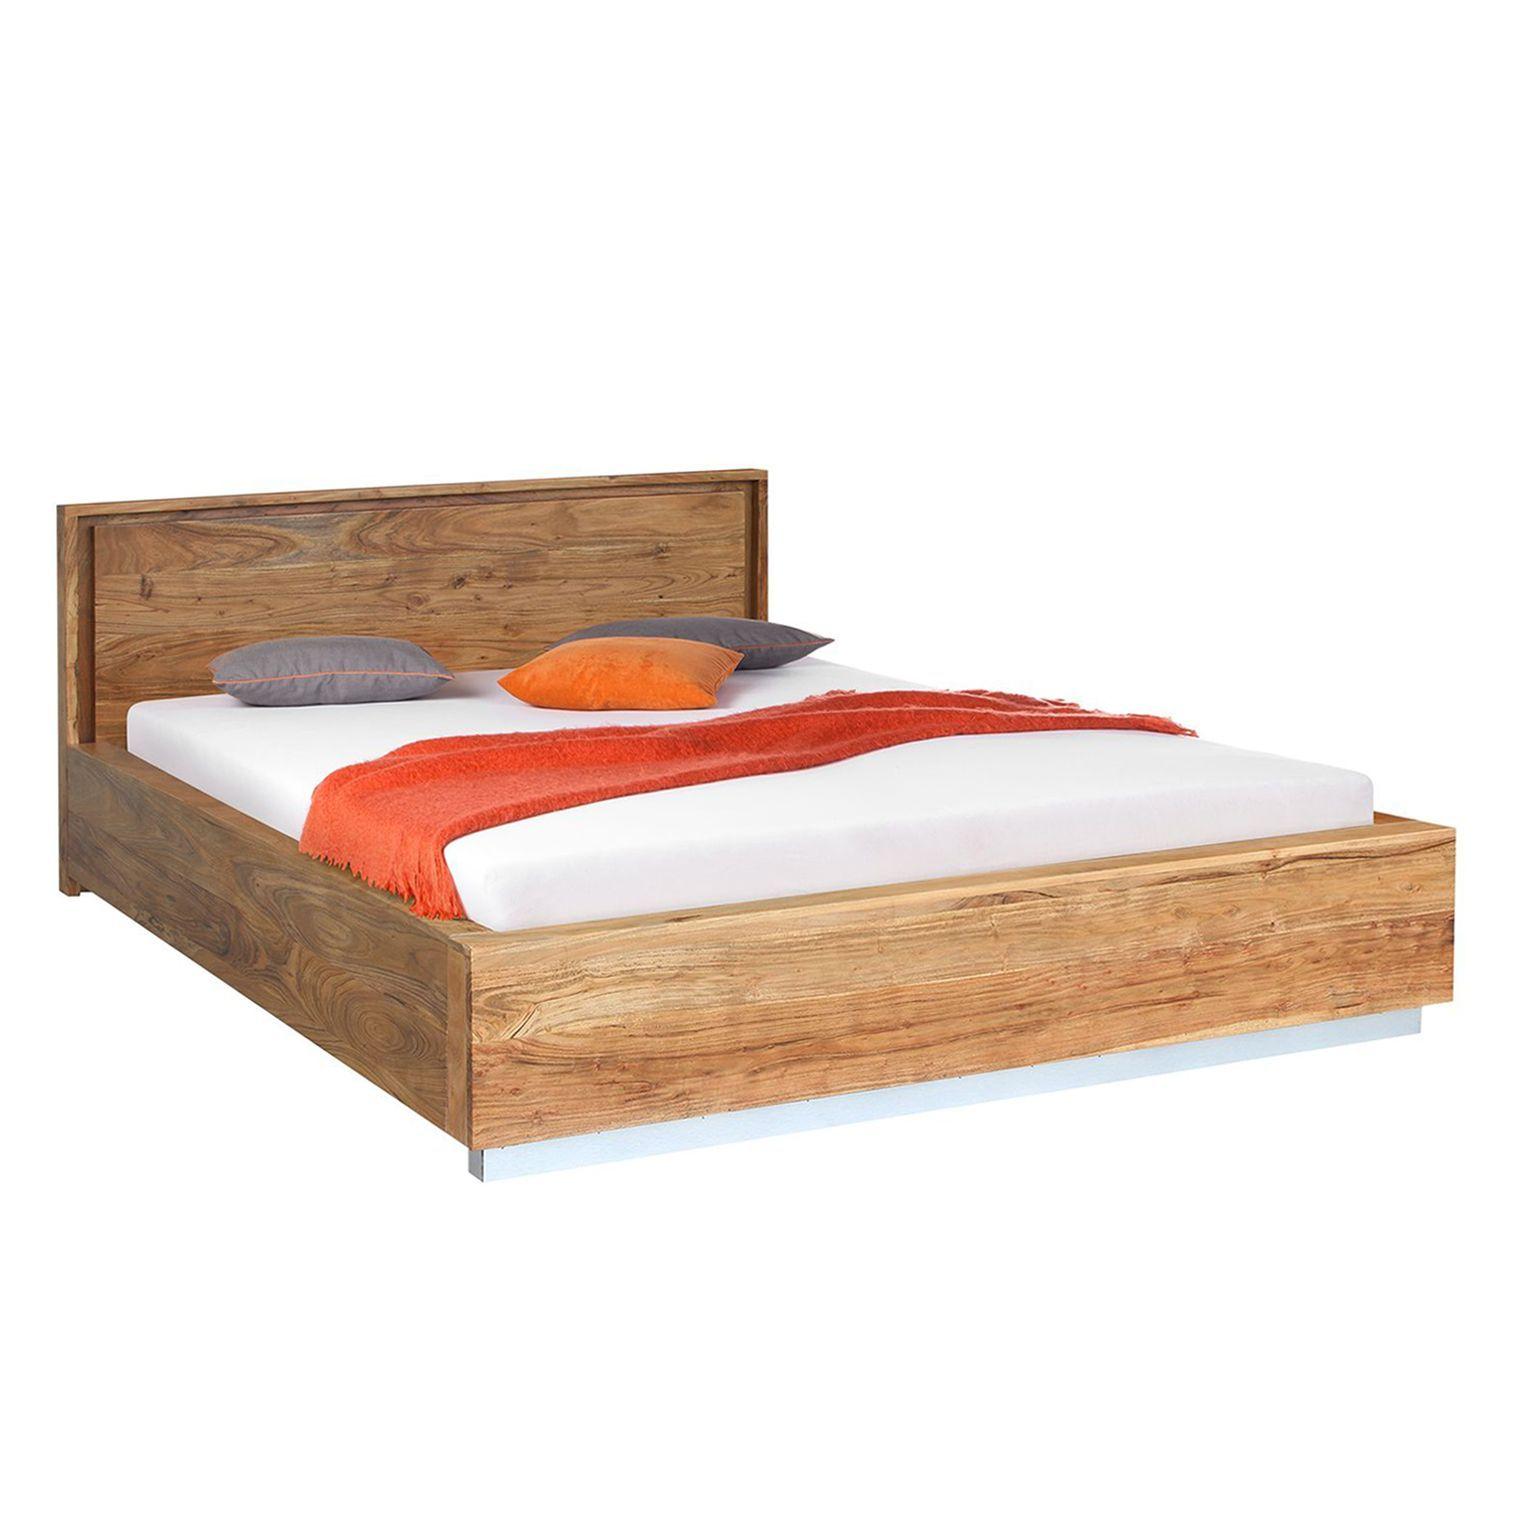 Full Size of Günstige Betten Doppelbett Breiten Gnstige Mit Matratze Und Lattenrost Weiße 200x200 Mannheim Rauch 140x200 Bettkasten 120x200 Schramm Runde Günstiges Bett Bett Günstige Betten